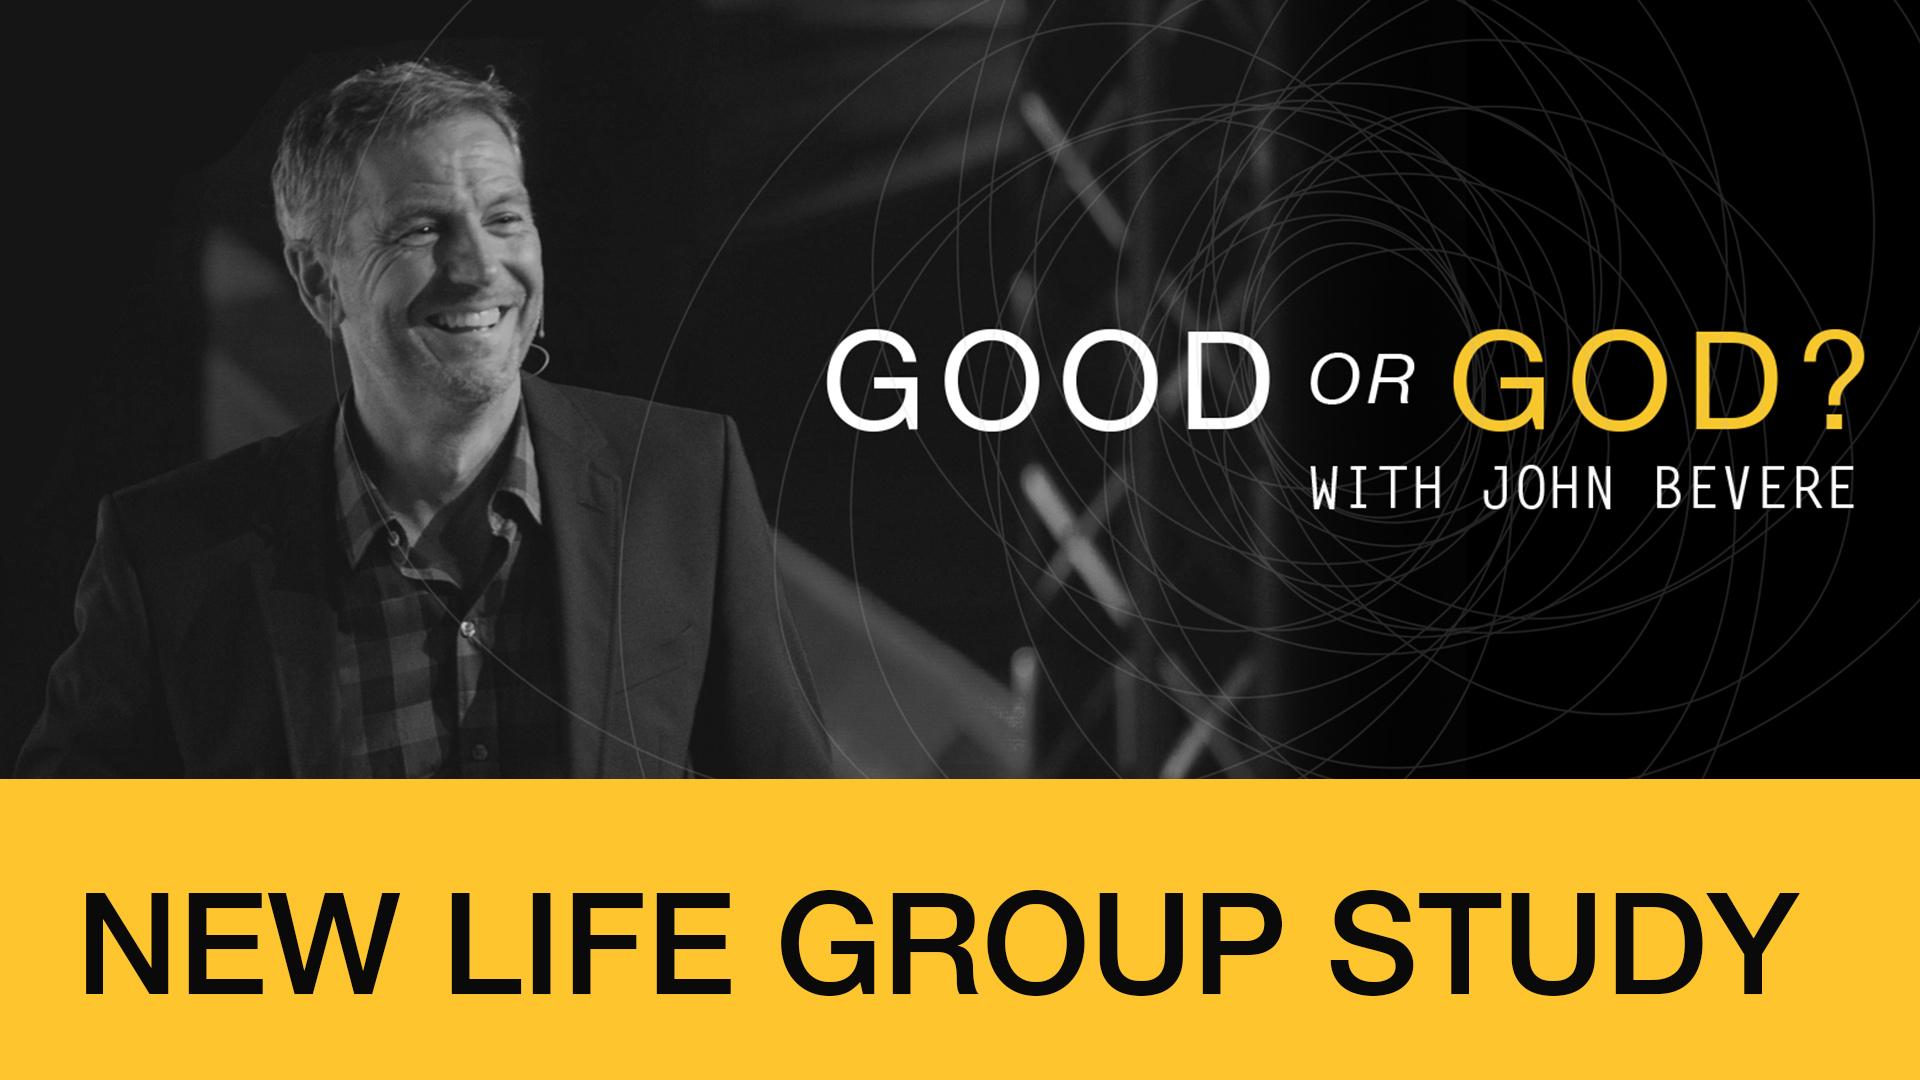 Life Groups Study - Good or God?